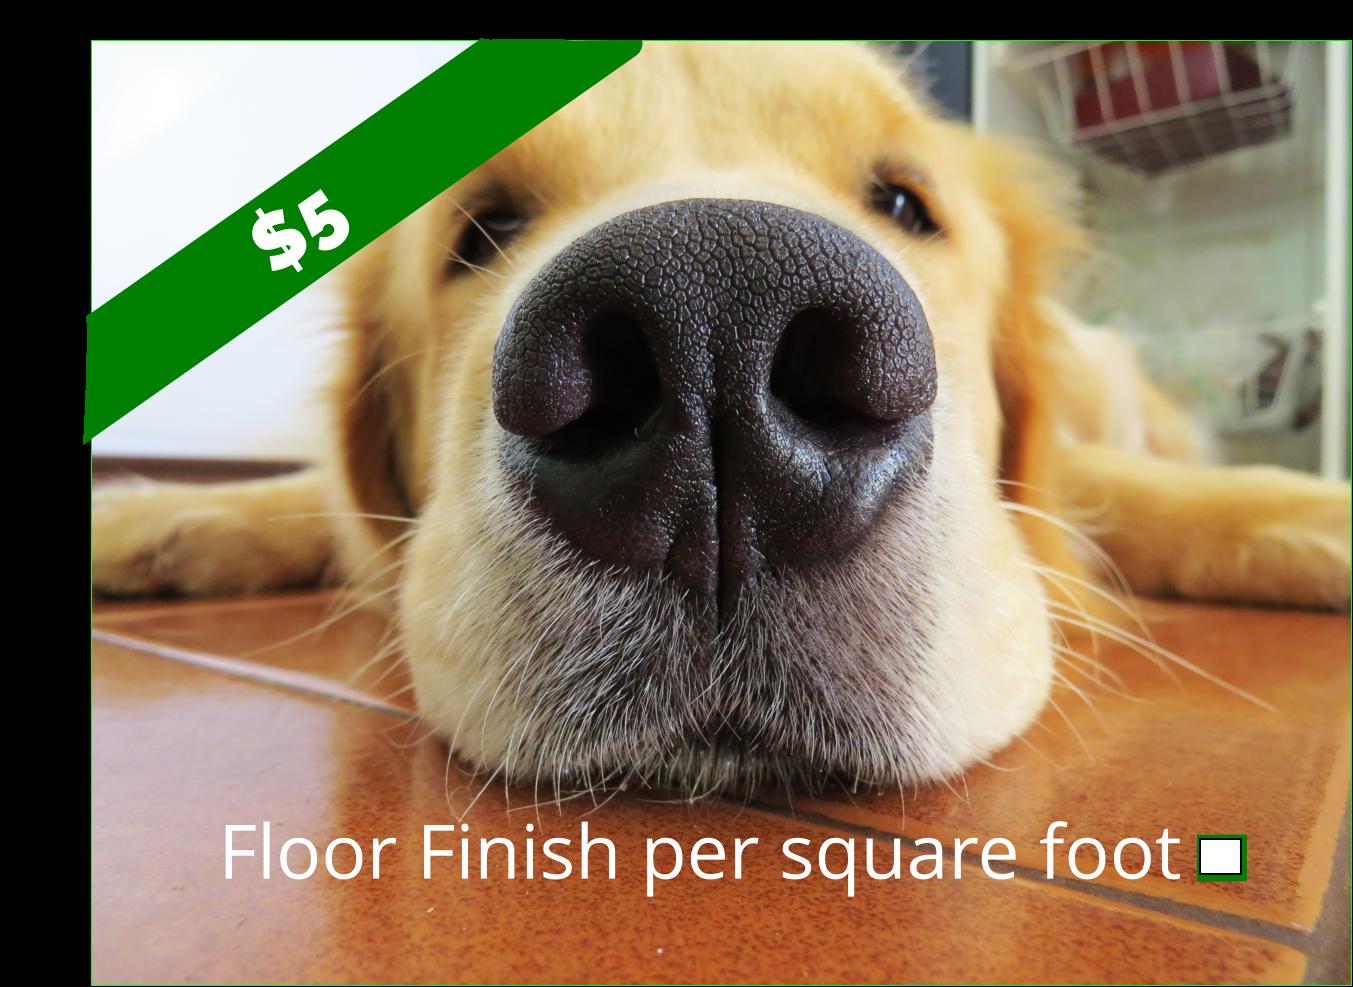 Floor Finish per square foot